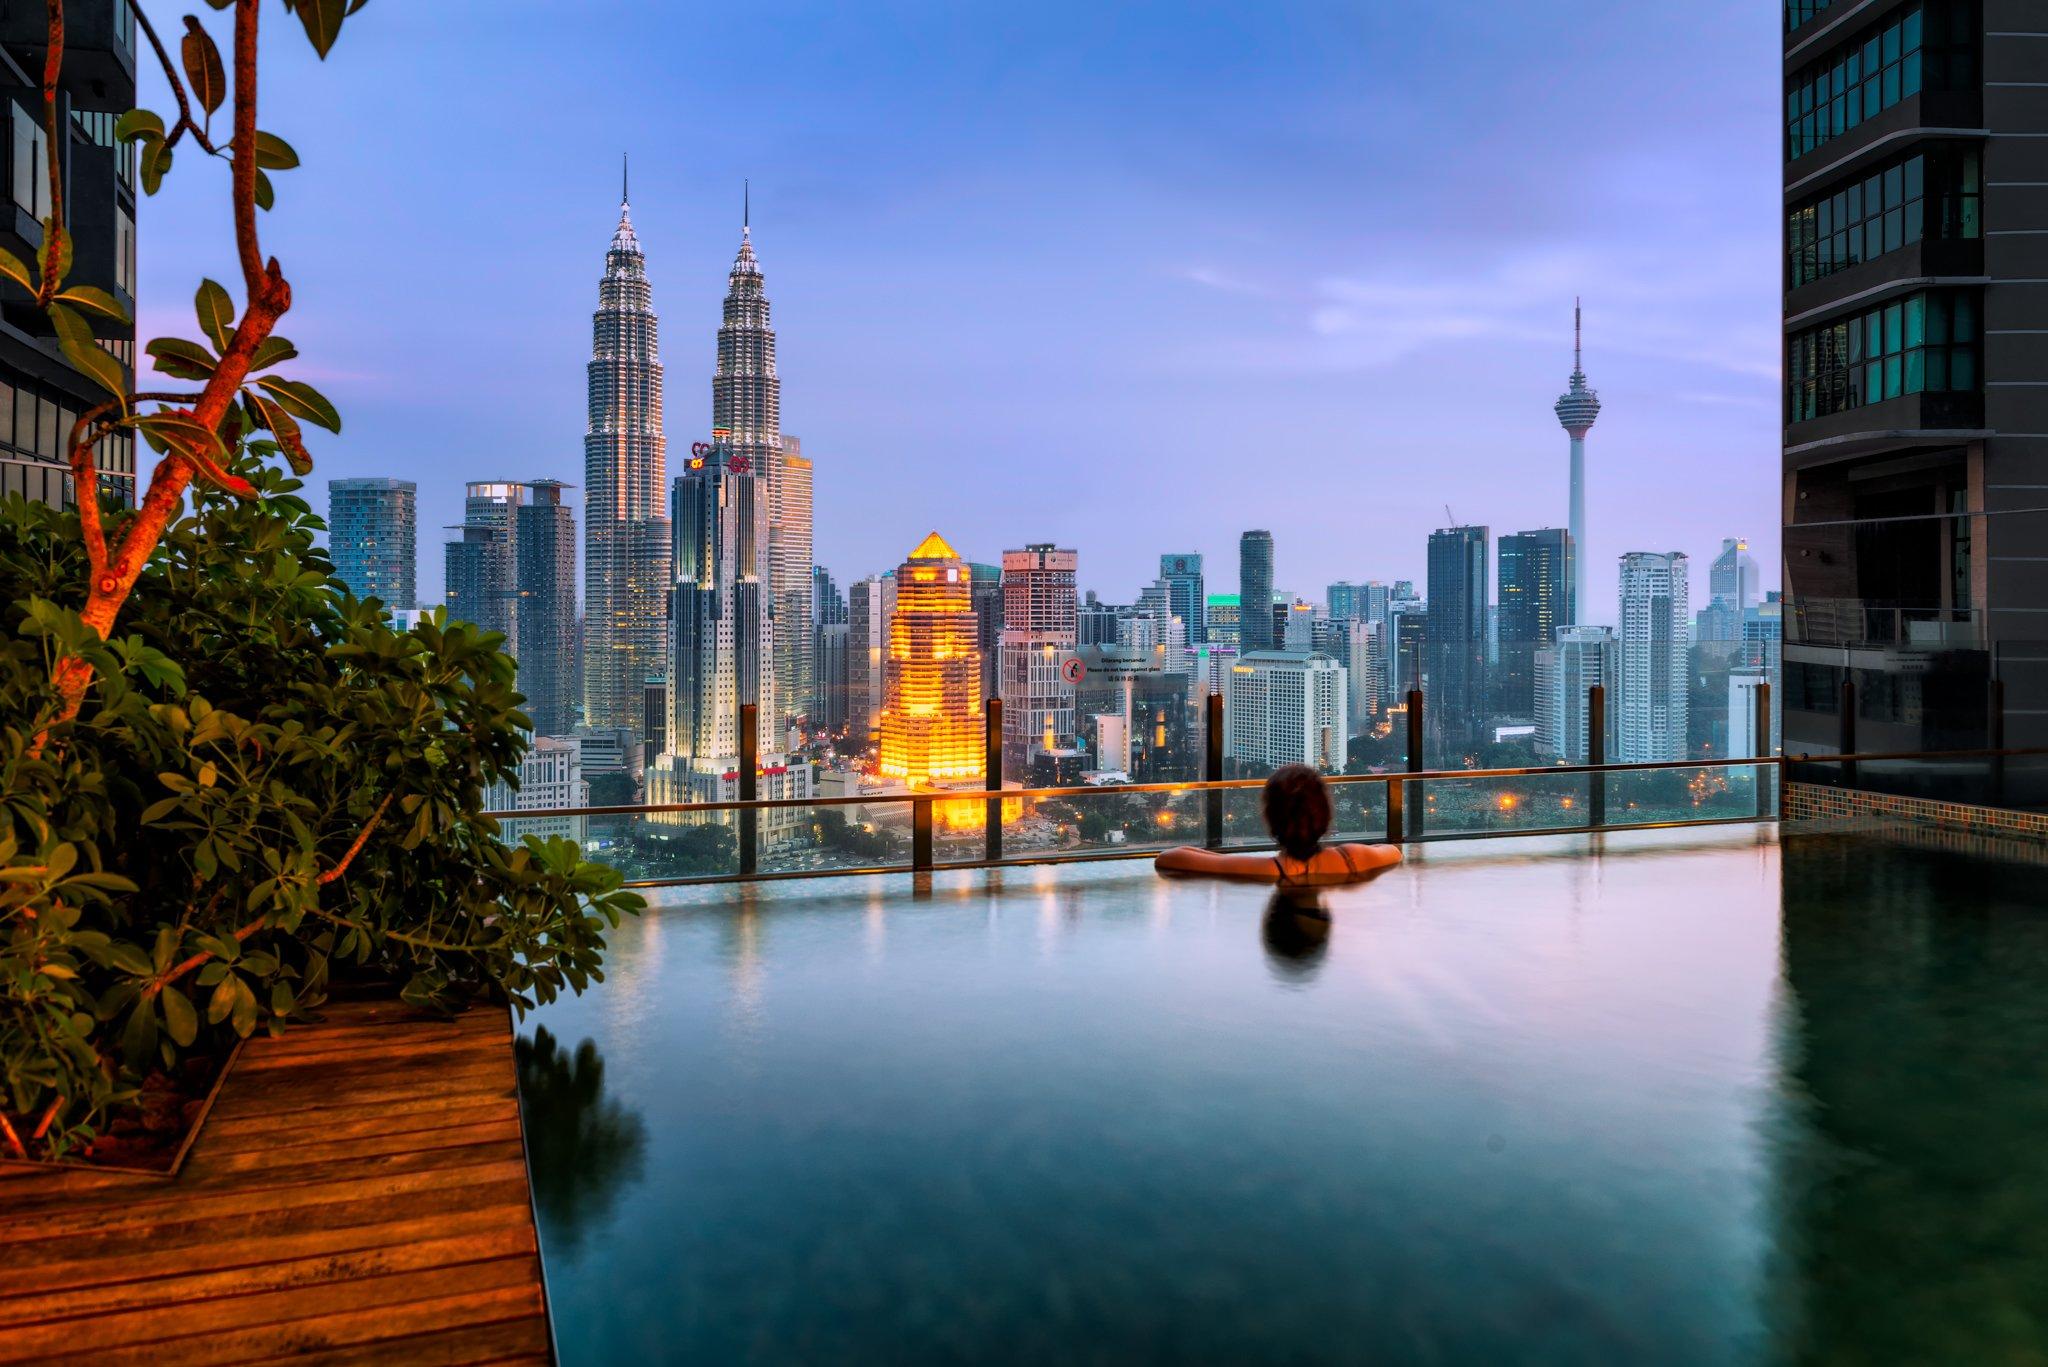 Infinity Pool – On Top of the World | Kuala Lumpur, Malaysia